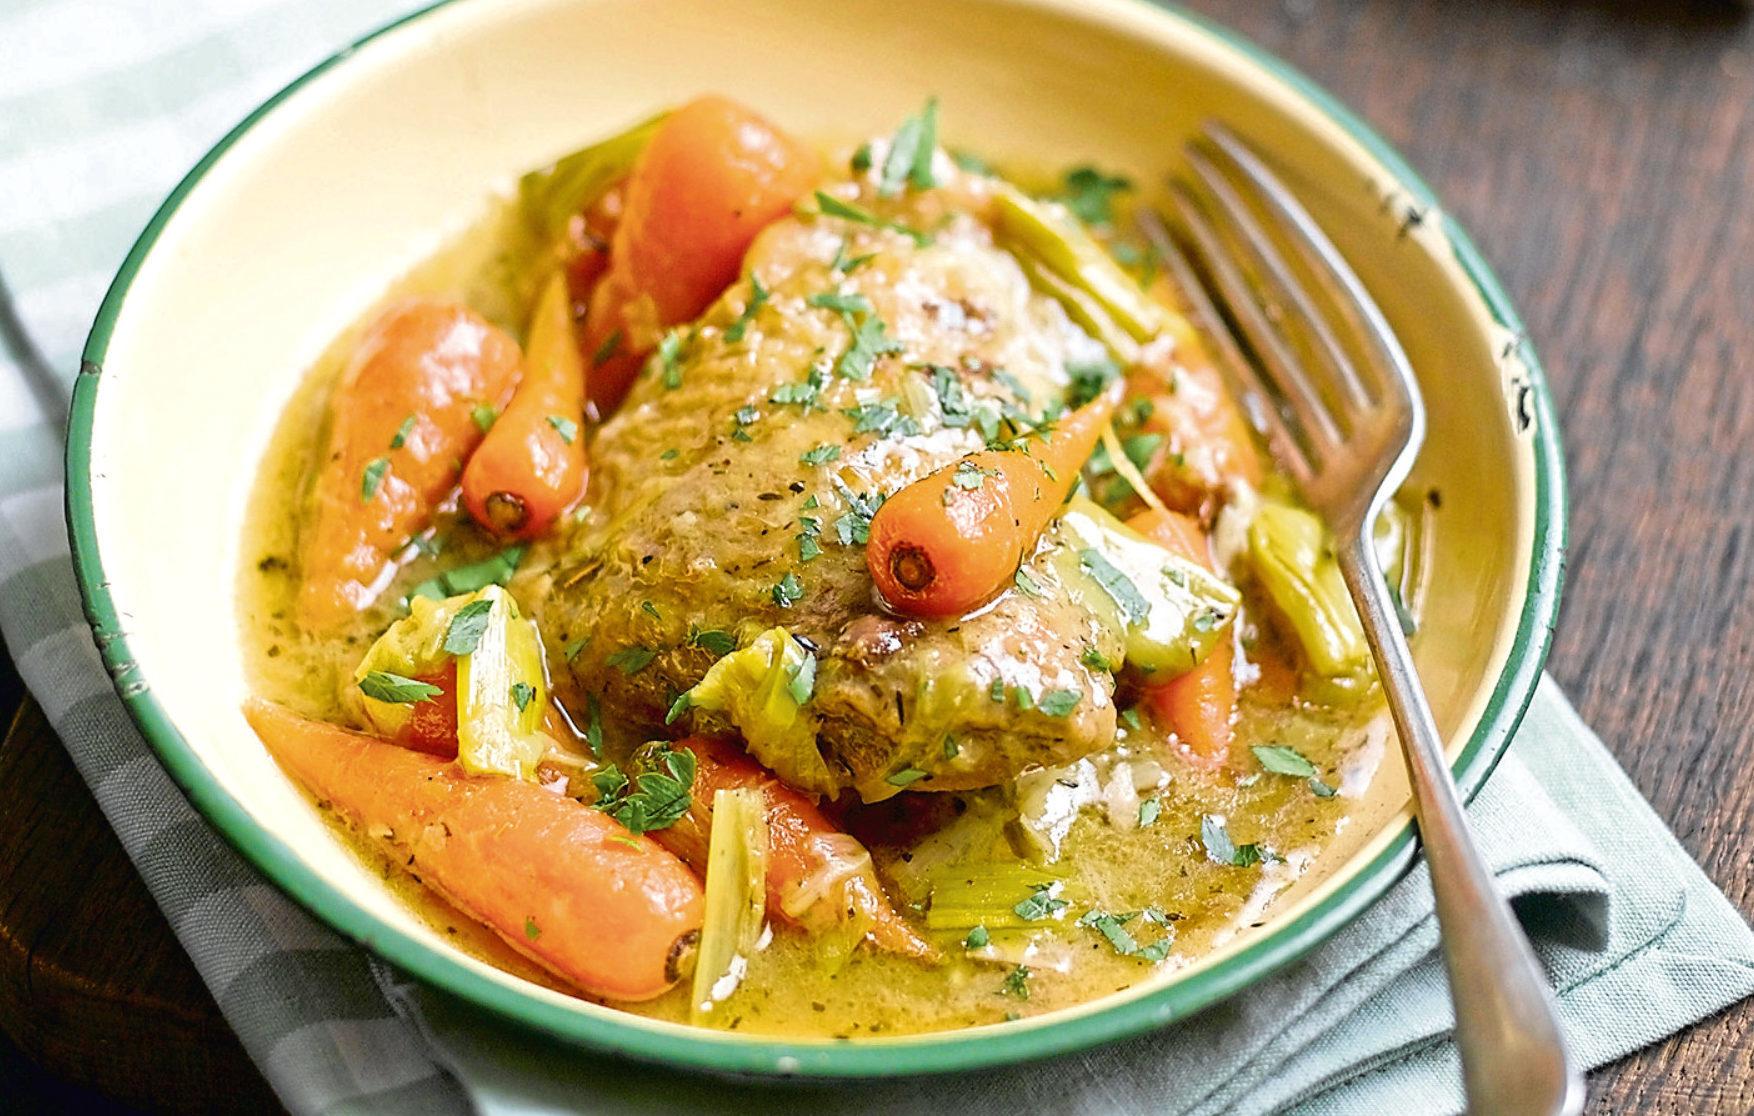 Chicken stew from Berryworld